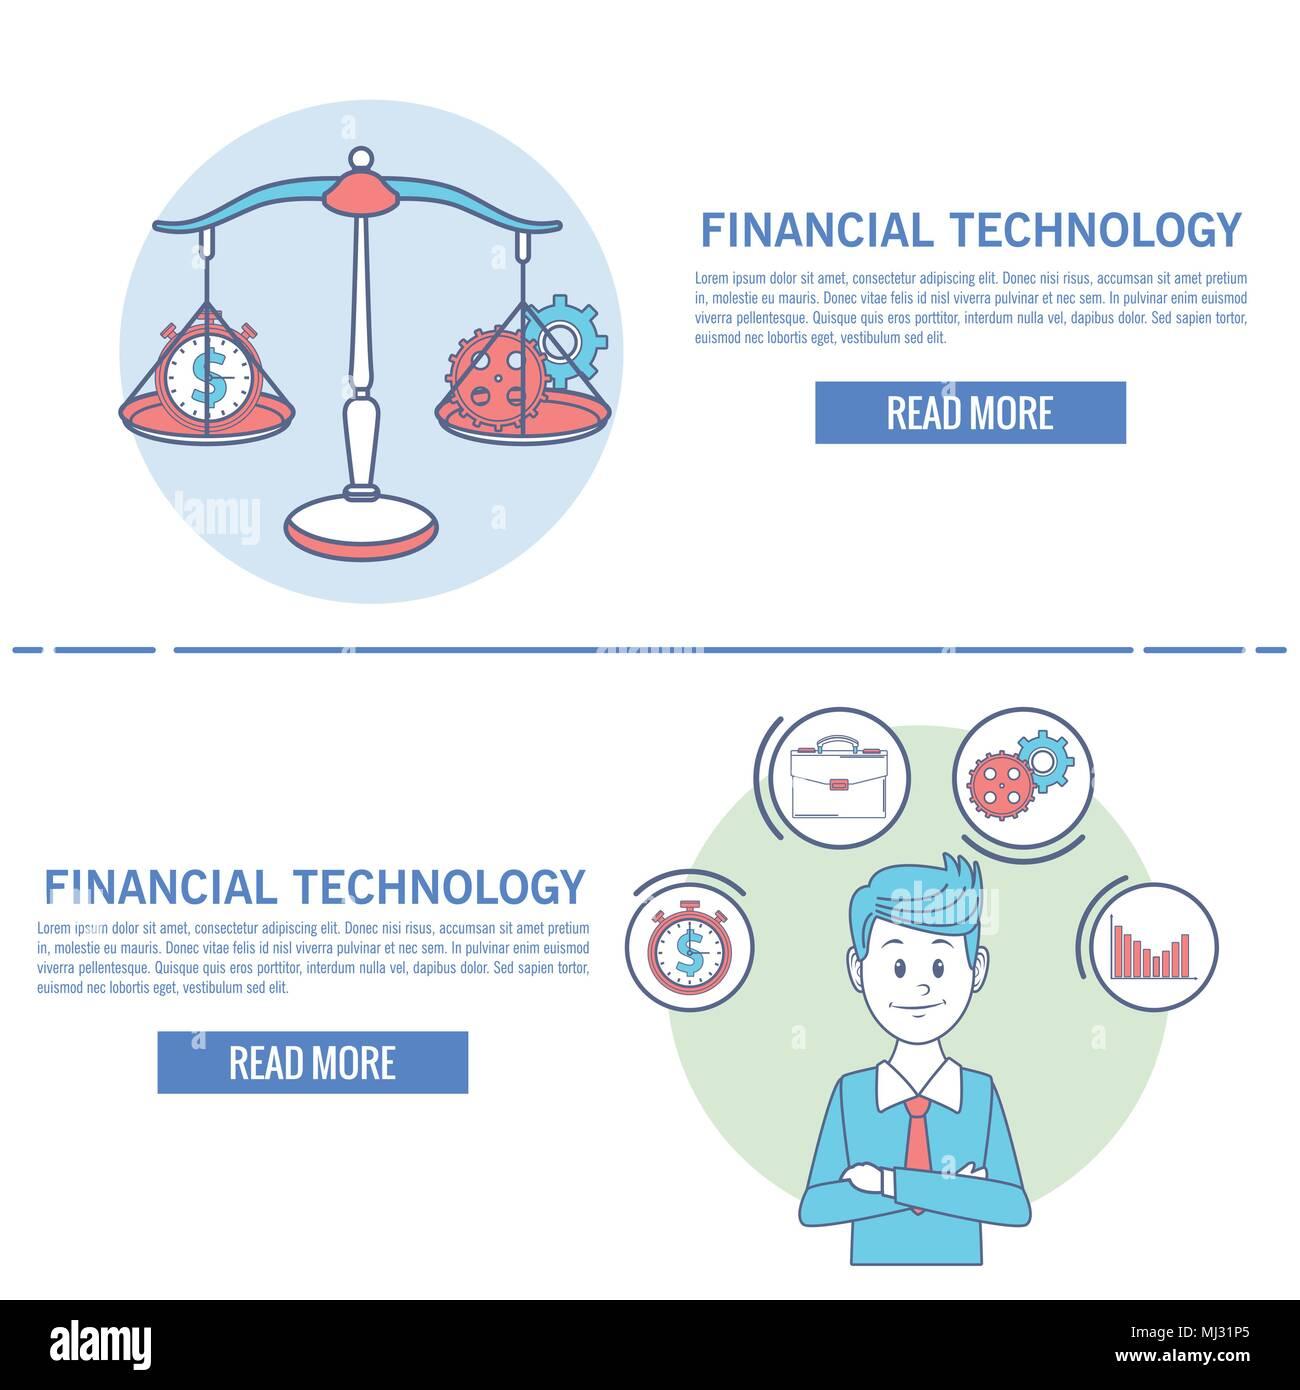 La technologie financière infographie Photo Stock